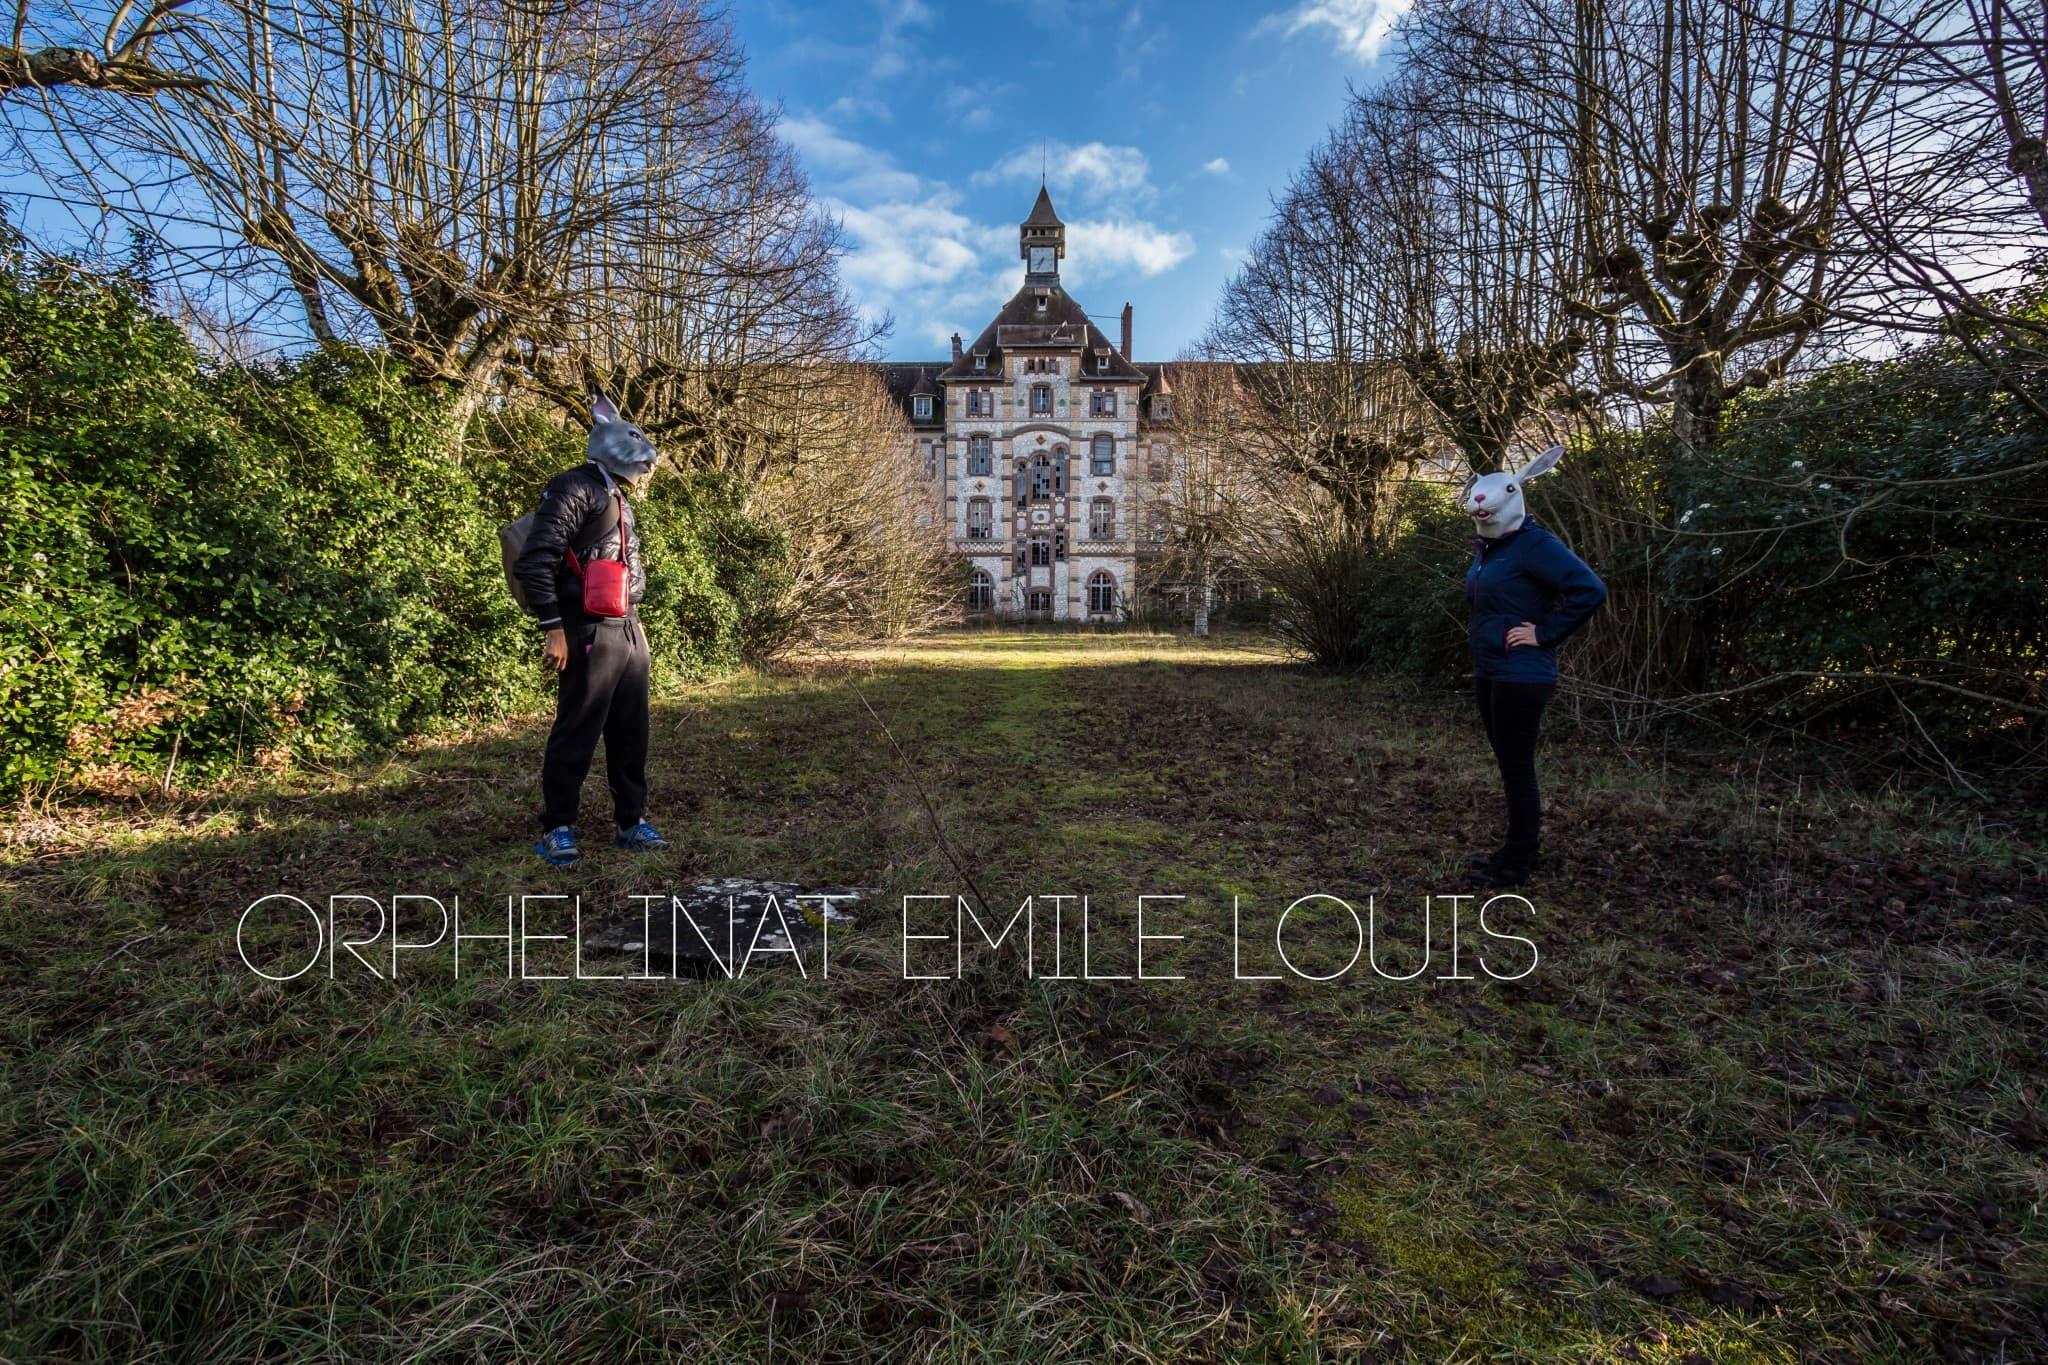 Orphelinat abandonné dans le centre de la France